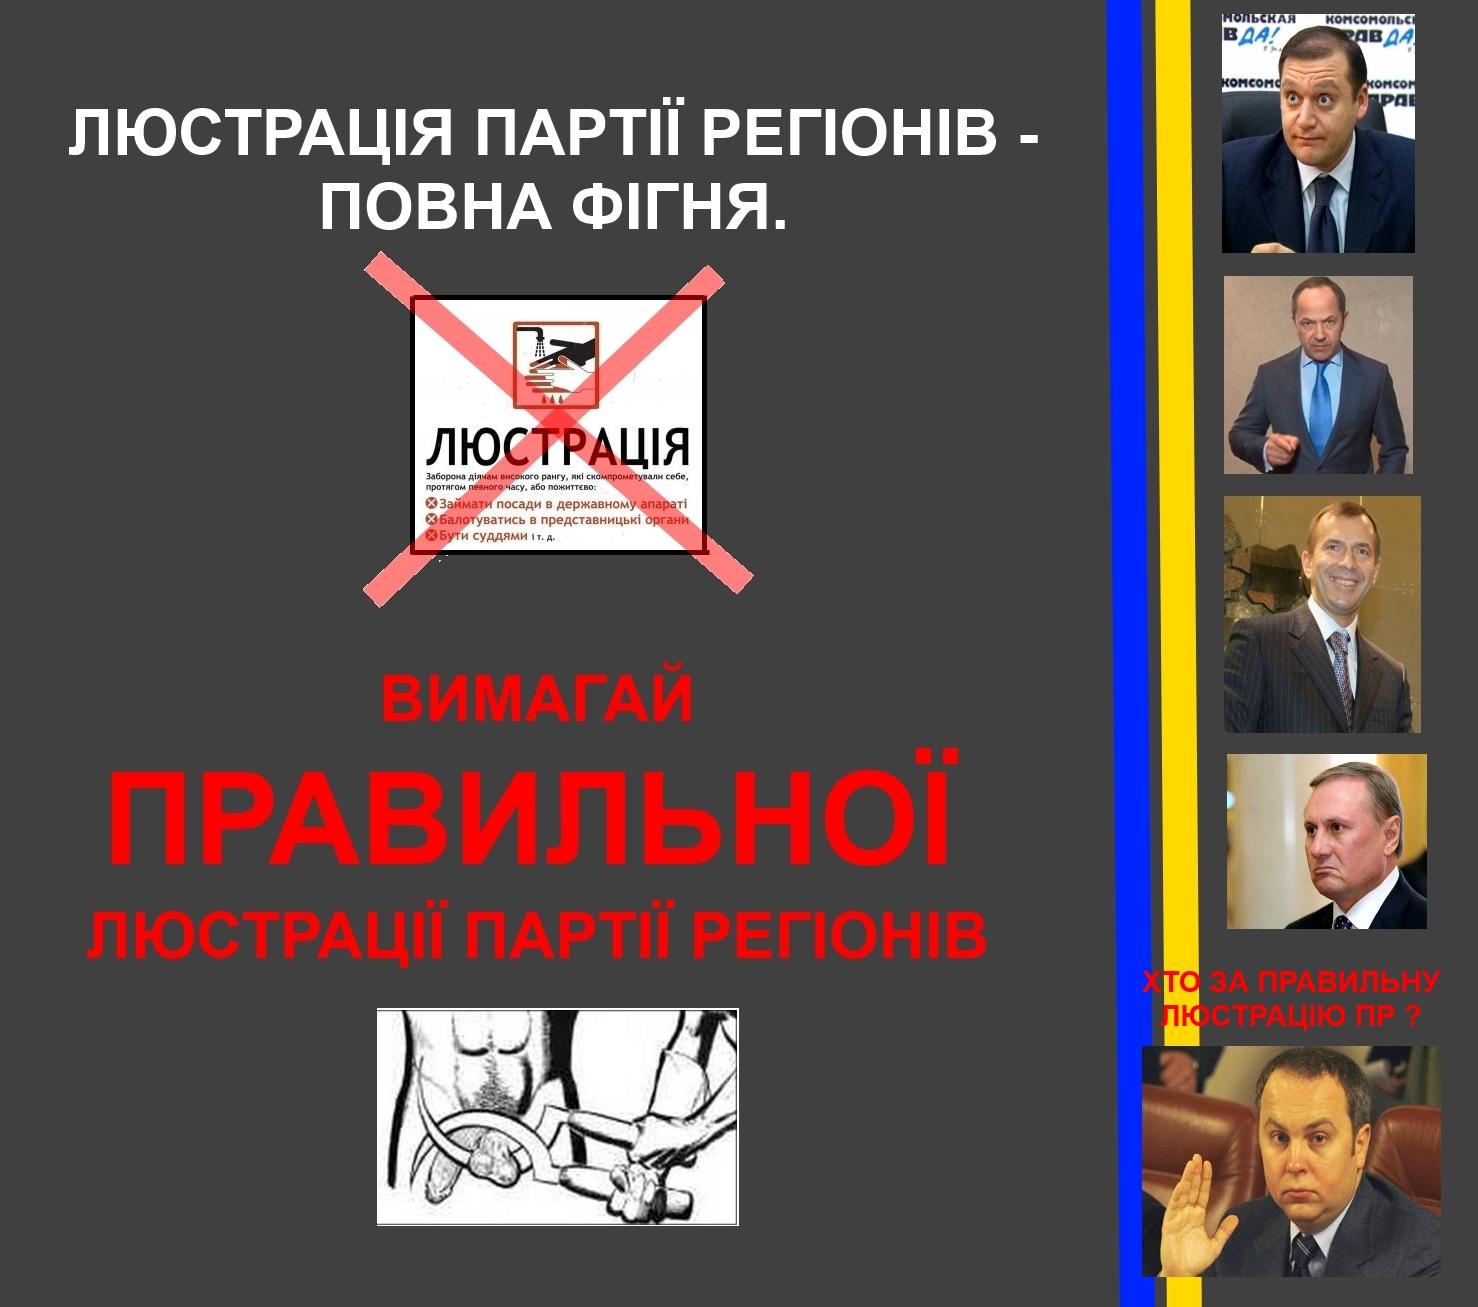 Турчинов подписал закон о люстрации судей - Цензор.НЕТ 341